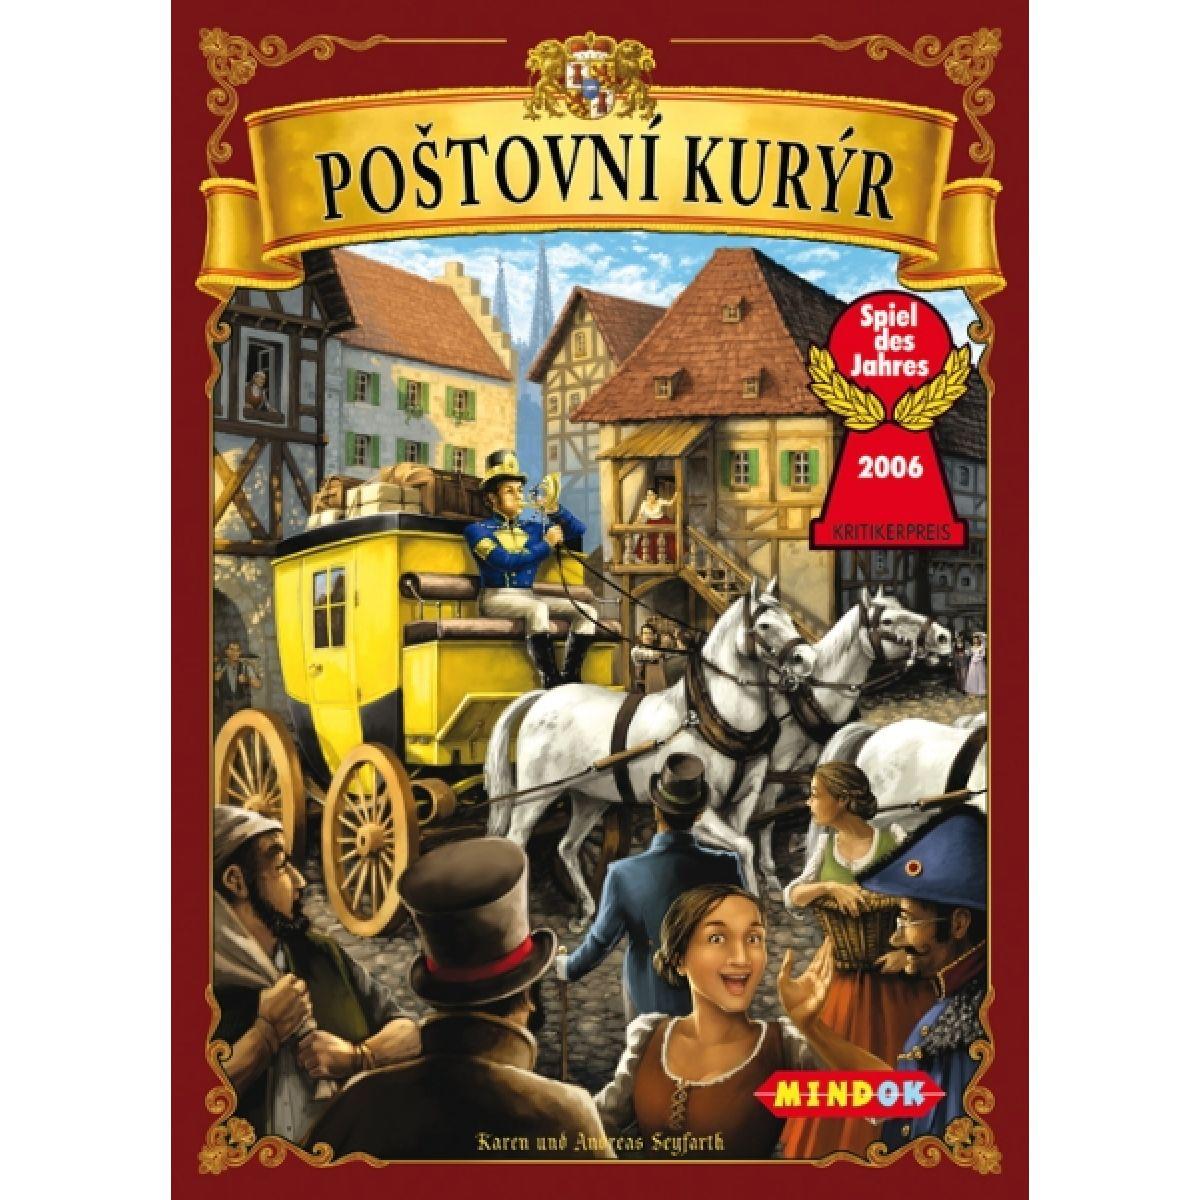 Mindok 090133 - Poštovní kurýr